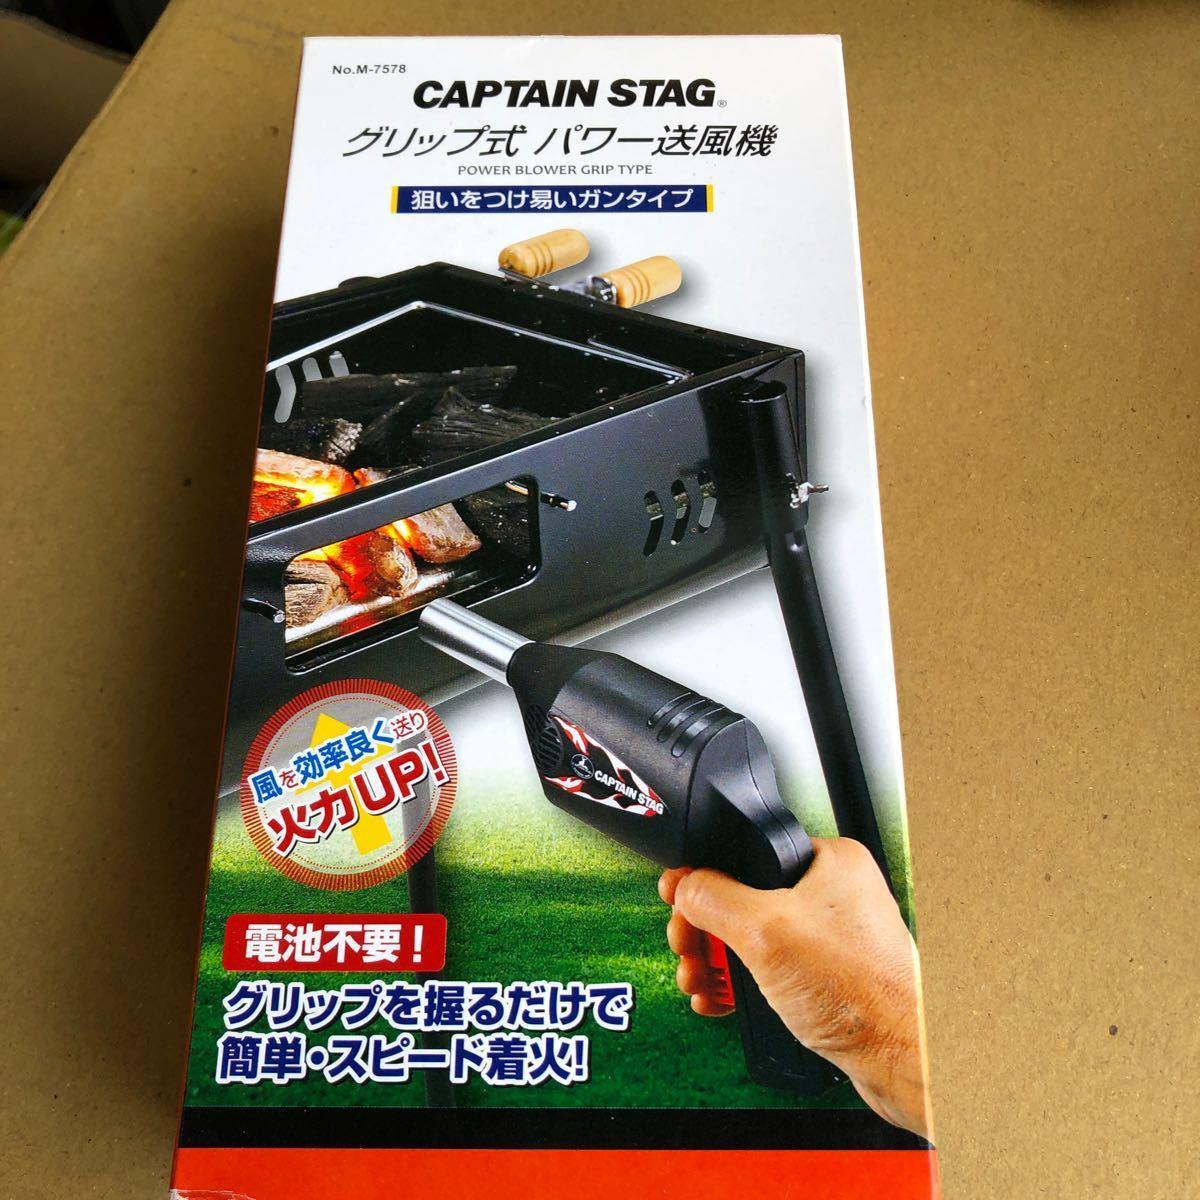 キャプテンスタッグ (CAPTAIN STAG) グリップ式パワー送風機M-7578